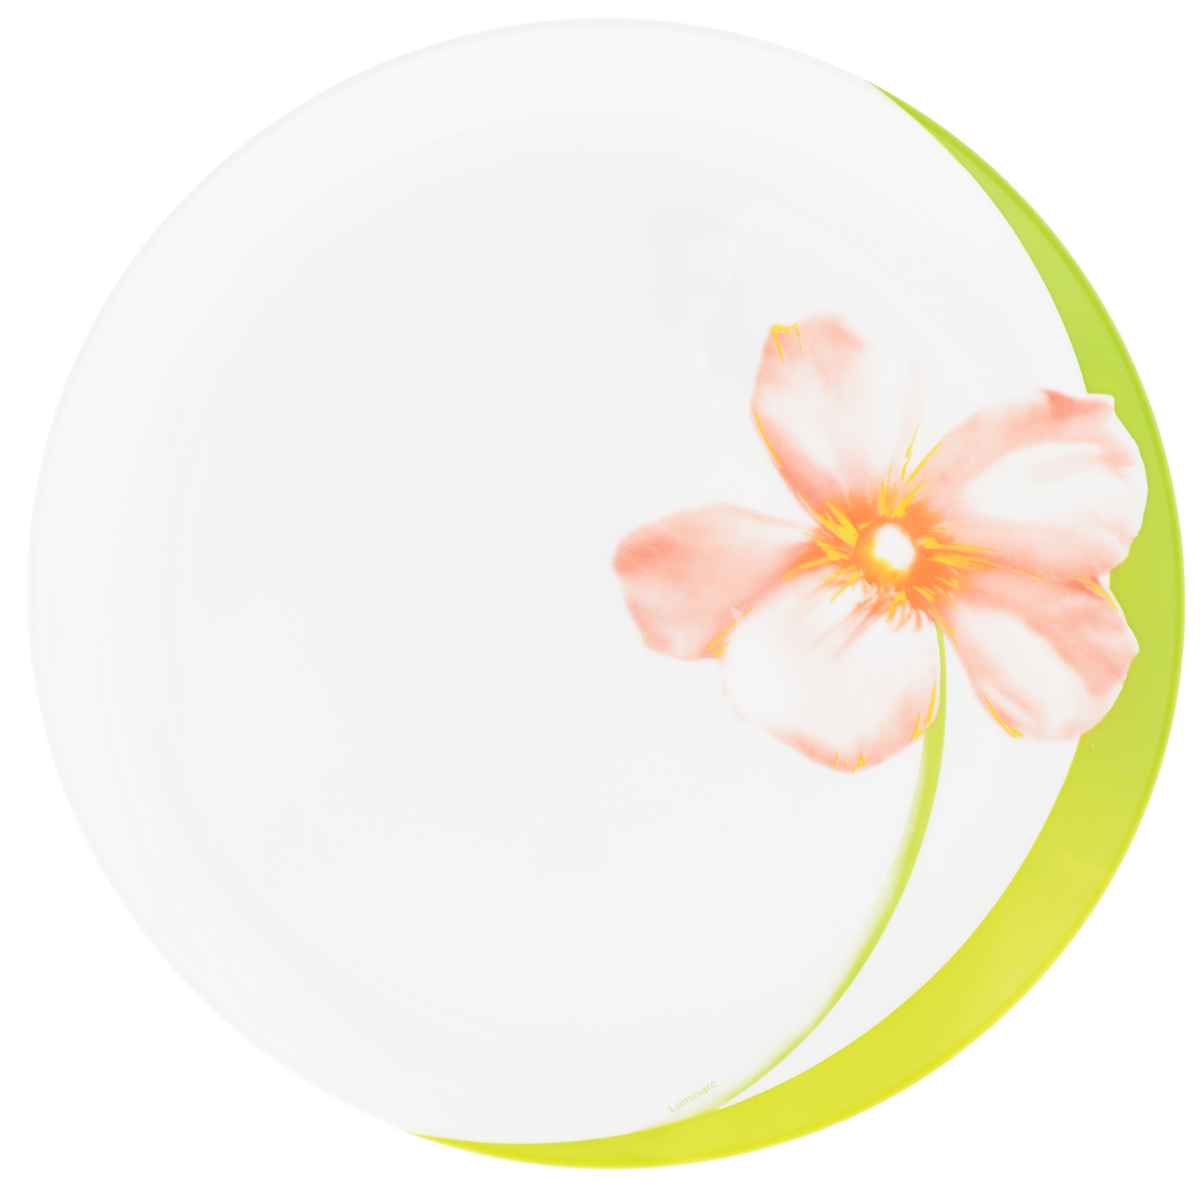 Тарелка обеденная Luminarc Sweet Impression, диаметр 25 смJ4655Обеденная тарелка Luminarc Sweet Impression, изготовленная из высококачественного стекла,имеет изысканный внешний вид. Такой дизайн придется по вкусу и ценителям классики,и тем, кто предпочитает утонченность. Тарелка Luminarc Sweet Impression идеально подойдет для сервировкистола и станет отличным подарком к любому празднику.